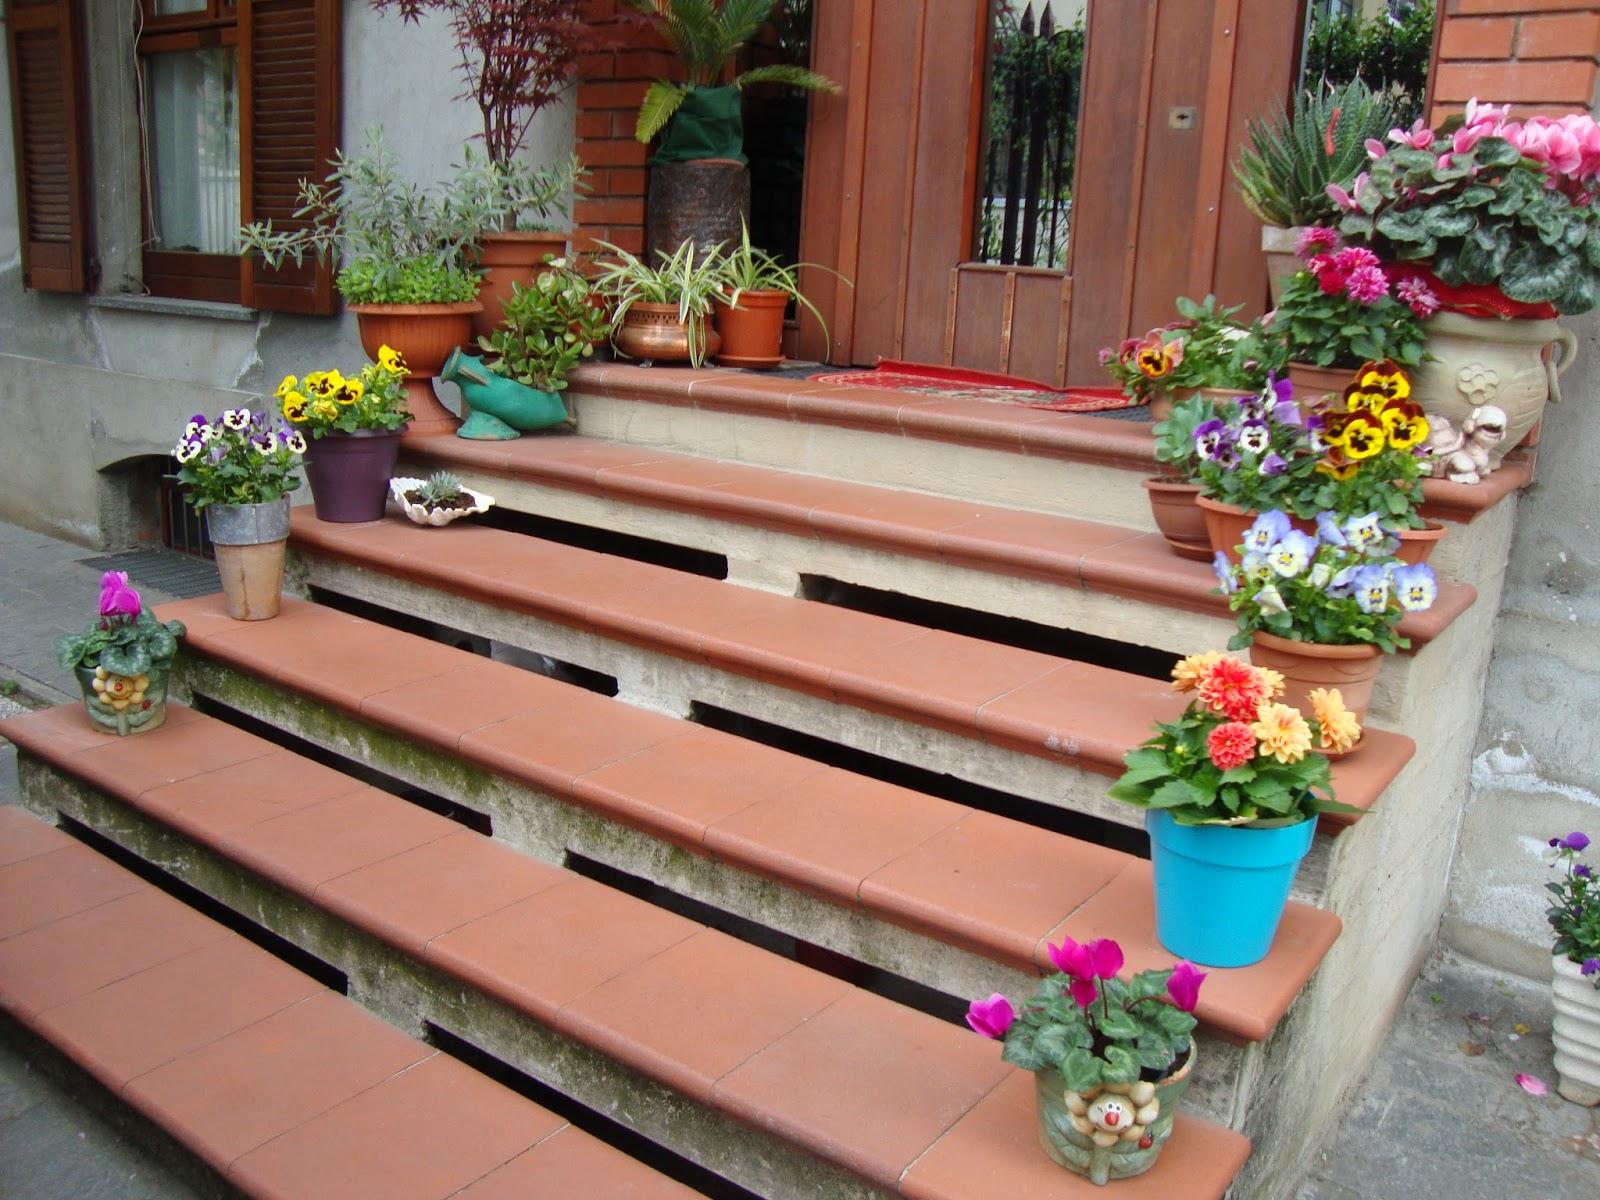 Un piccolo giardino in citt fiori e piante sulle scale for Piante per ingresso esterno